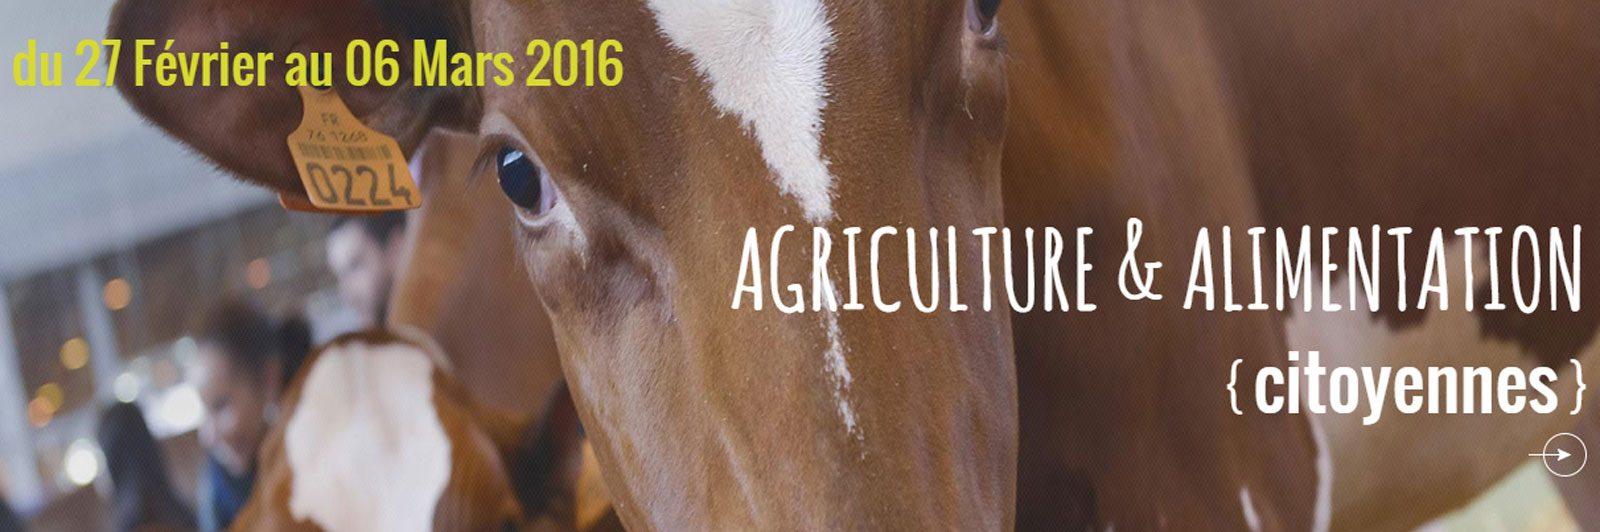 Salon de l'agriculture : l'ACAL et la Moselle s'exposent en grandes pompes à Paris